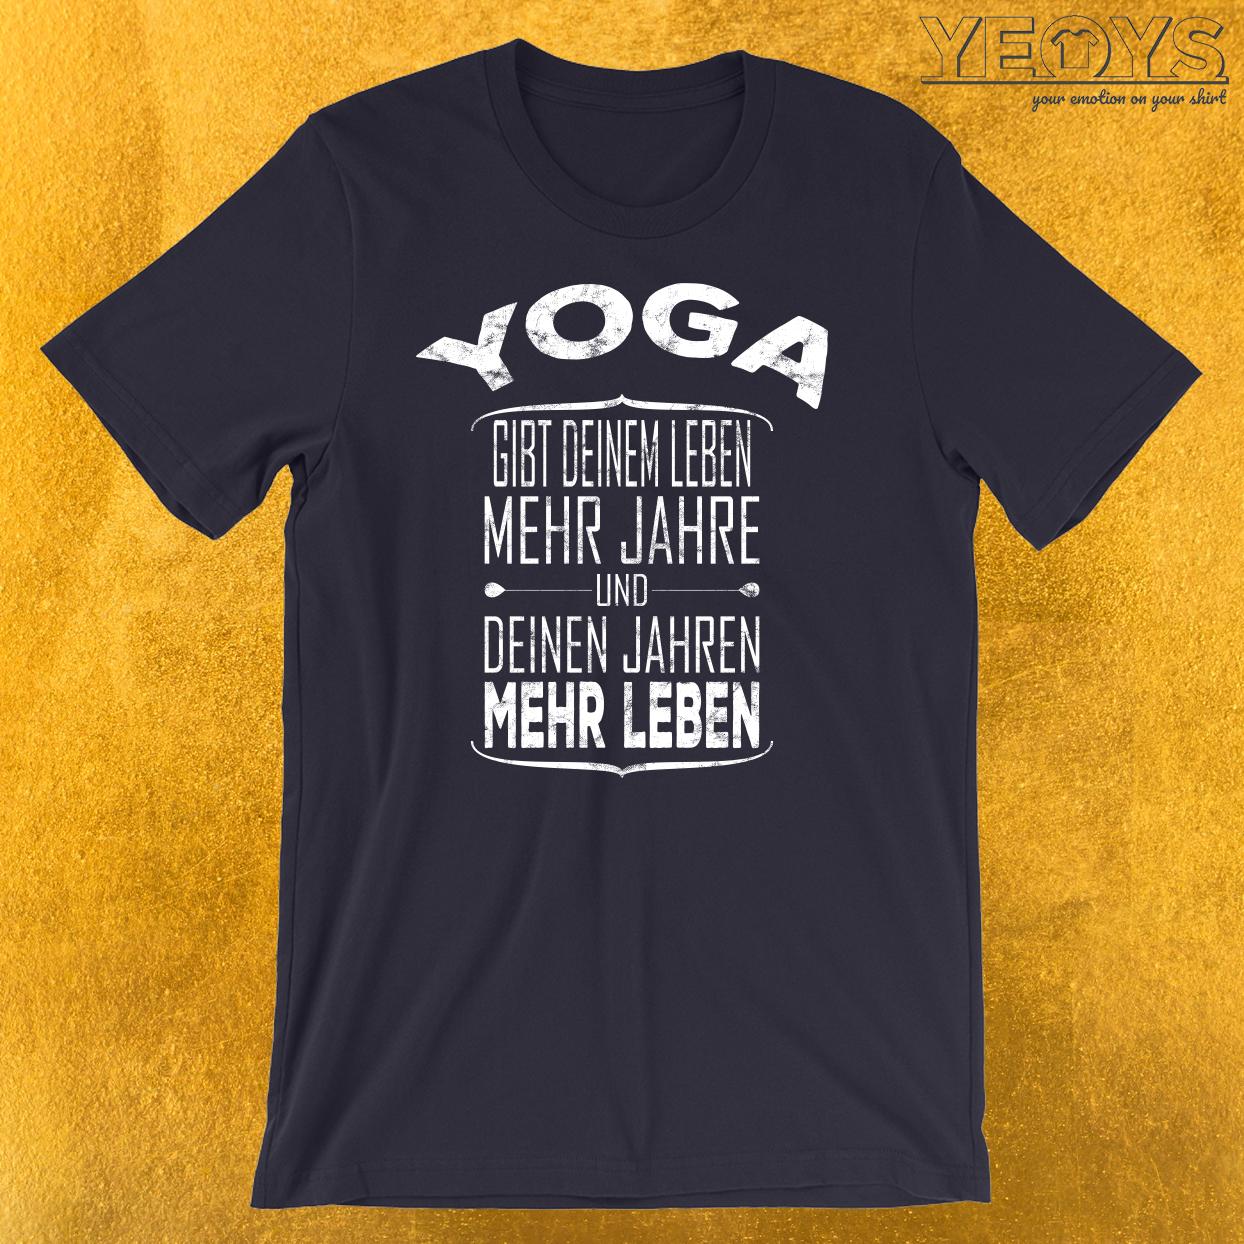 Yoga gibt deinem Leben mehr Jahre T-Shirt